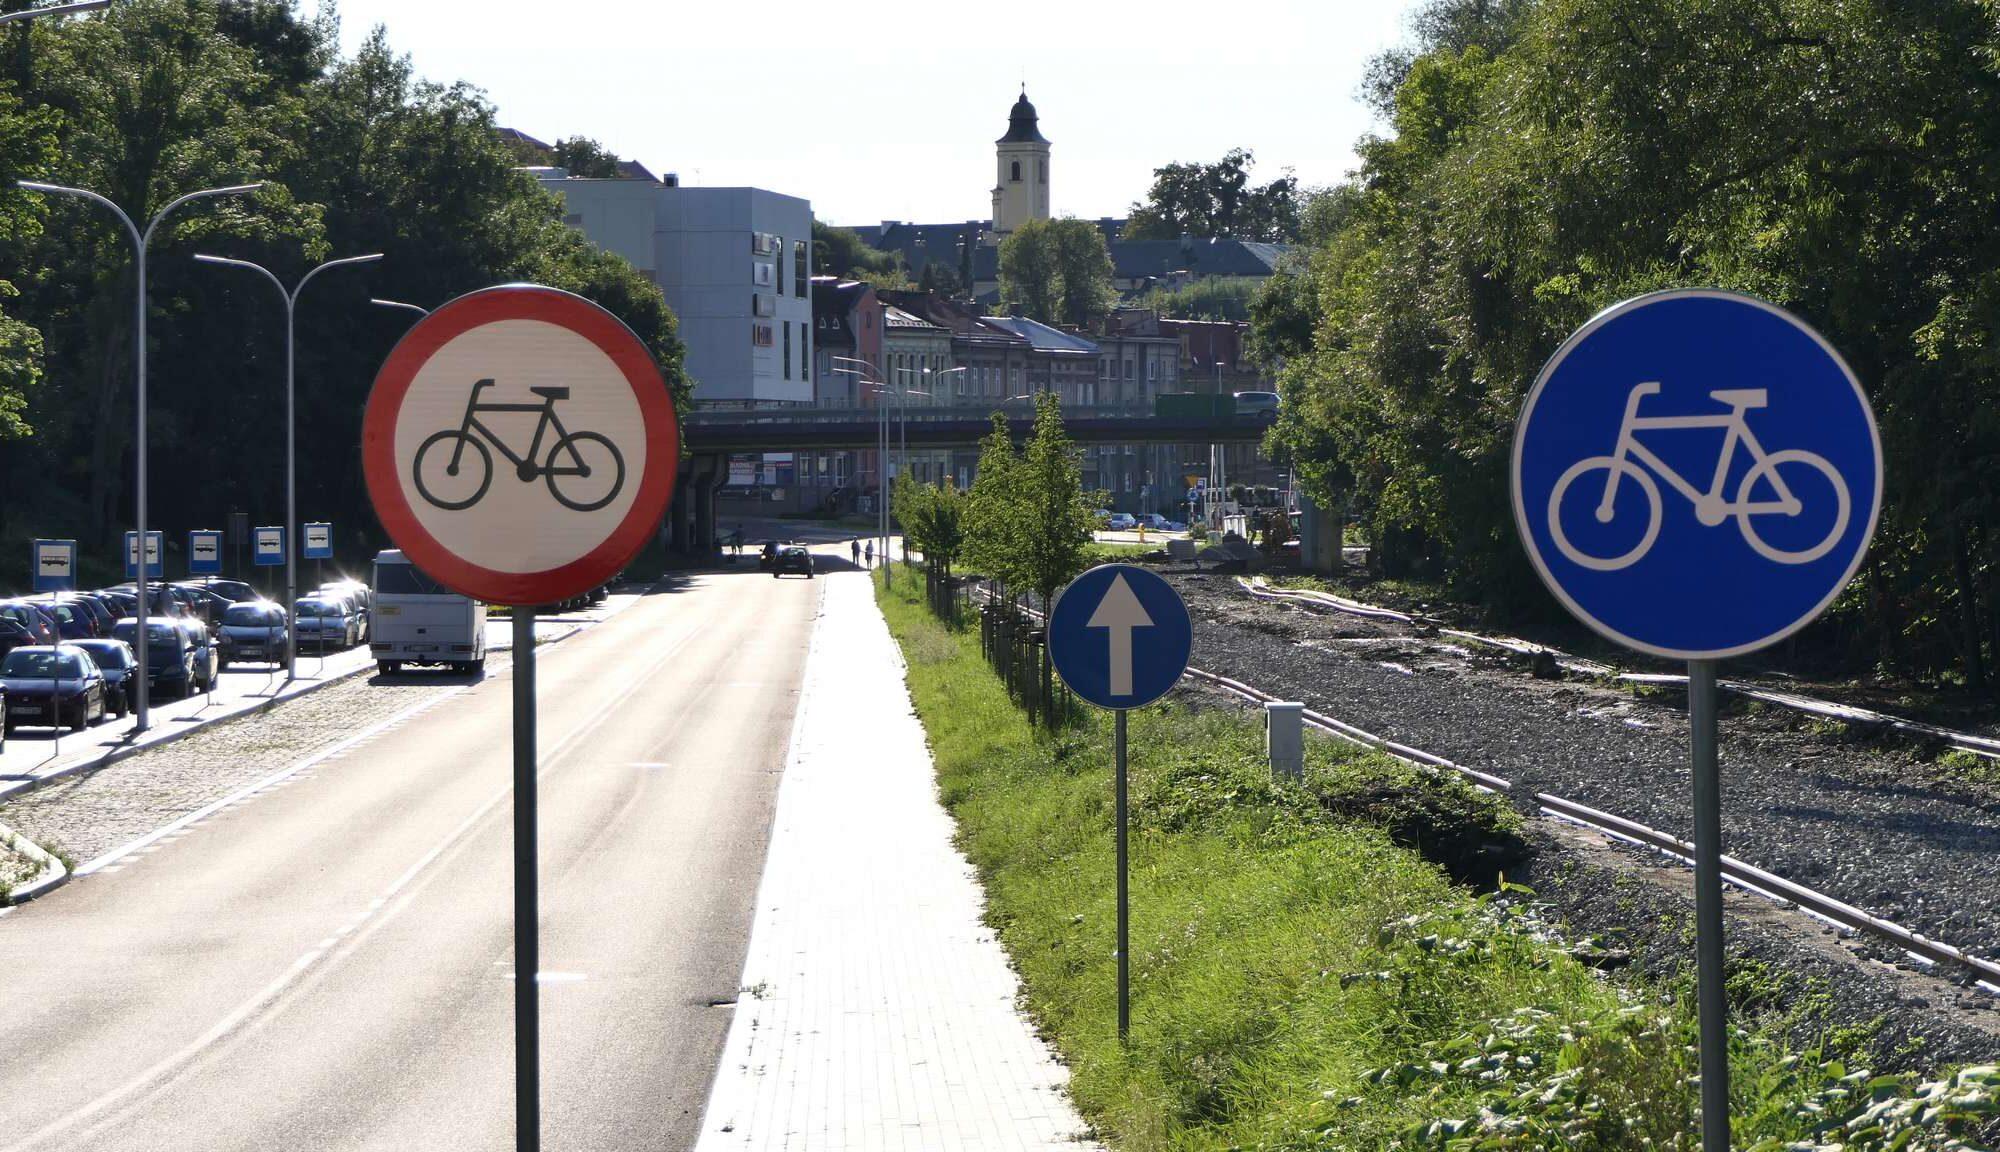 Początek drogi rowerowej na ul. RNŚC w pobliżu Urzędu Celnego.